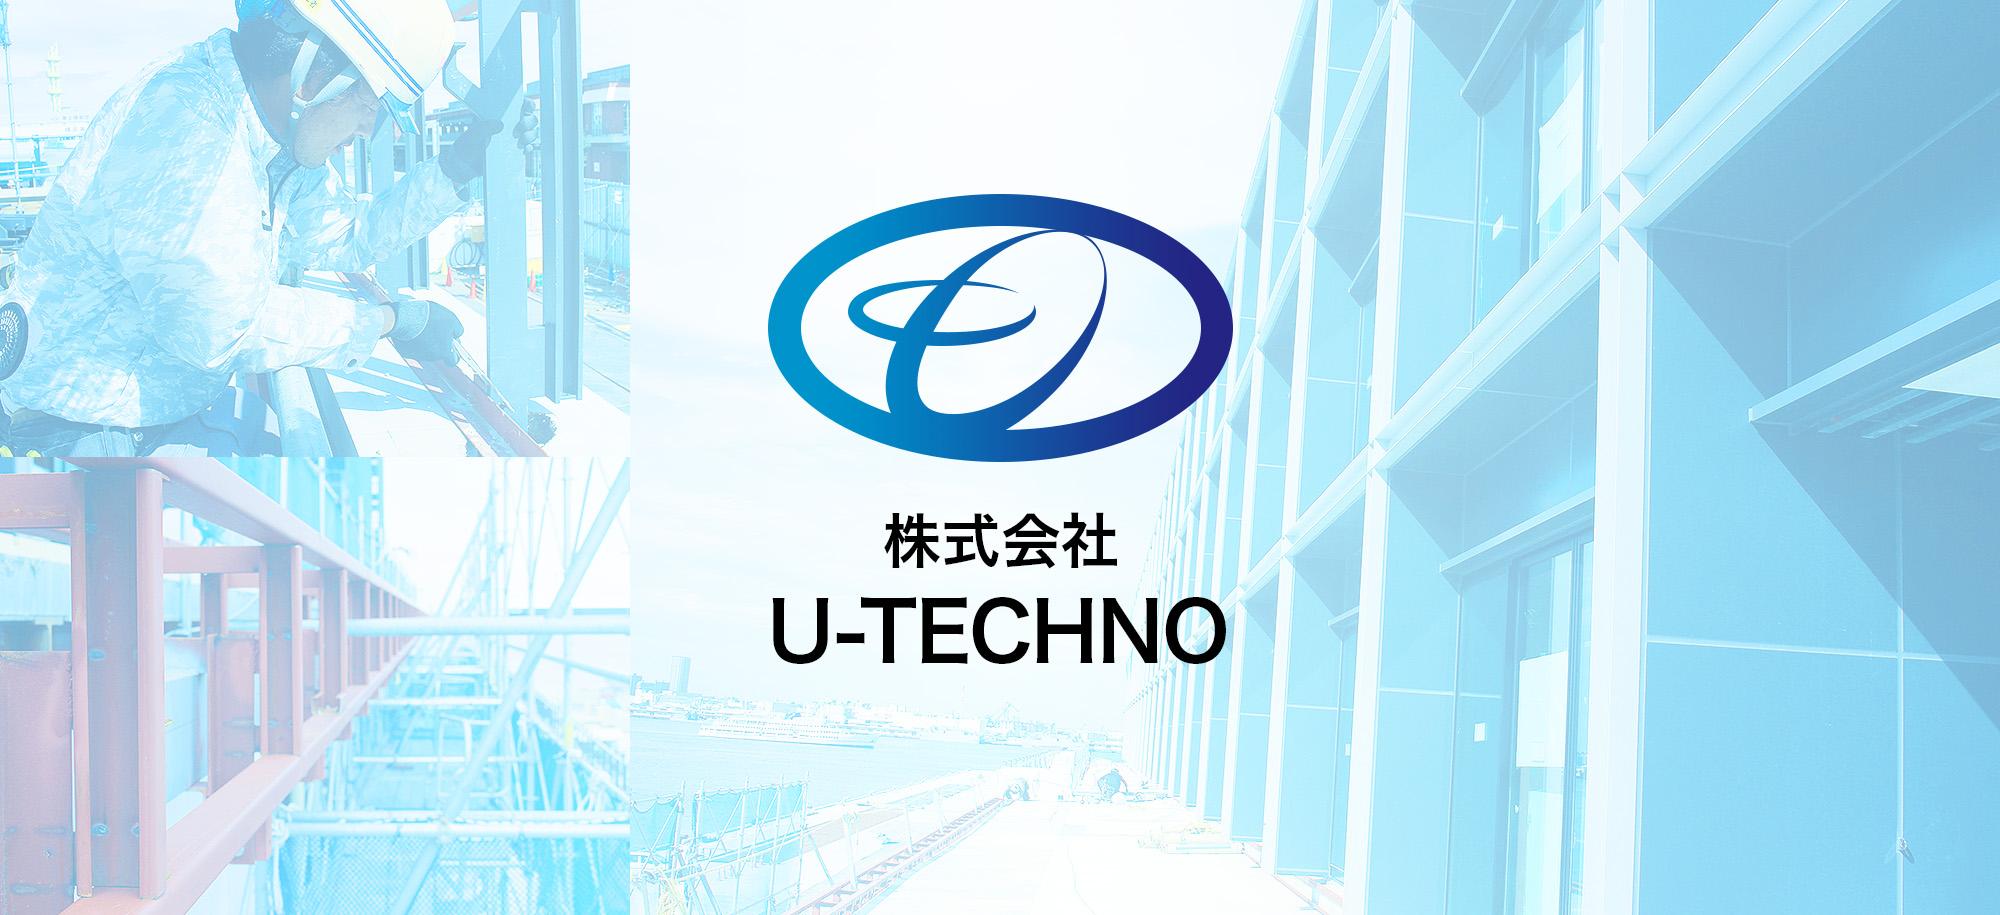 株式会社U-TECHNO